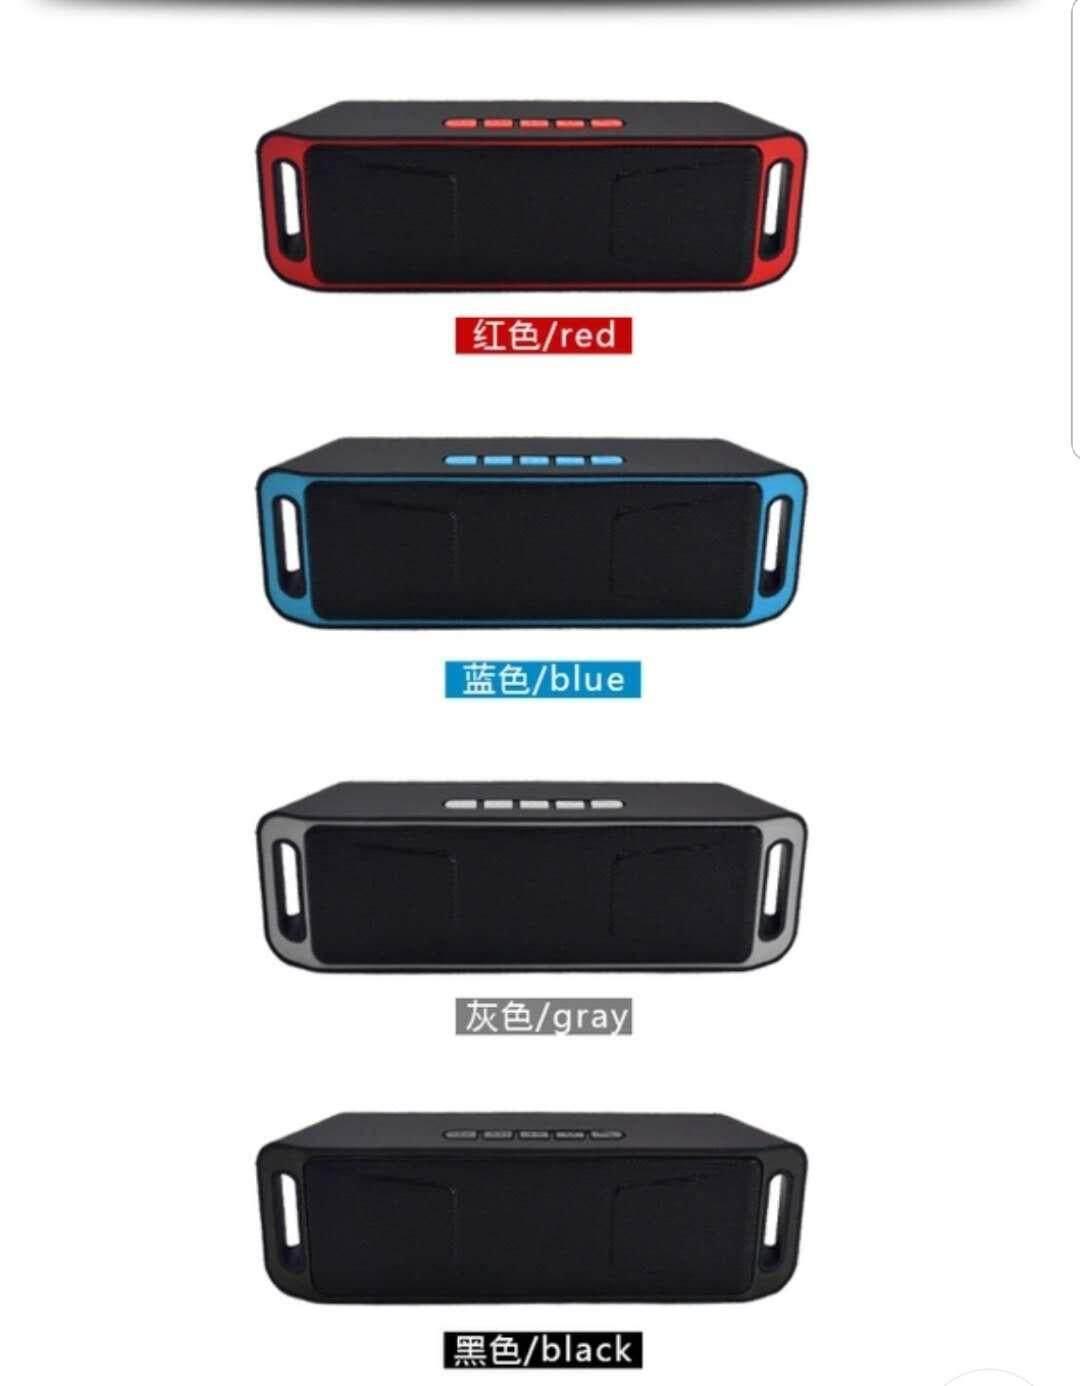 เว็บที่ขายถูกที่สุดอันดับที่ 1 ลำโพงแบบพกพา Remax ลำโพงบลูทูธพกพา Wireless Speaker Super Bass รุ่น SC-208 รีวิวดีที่สุด